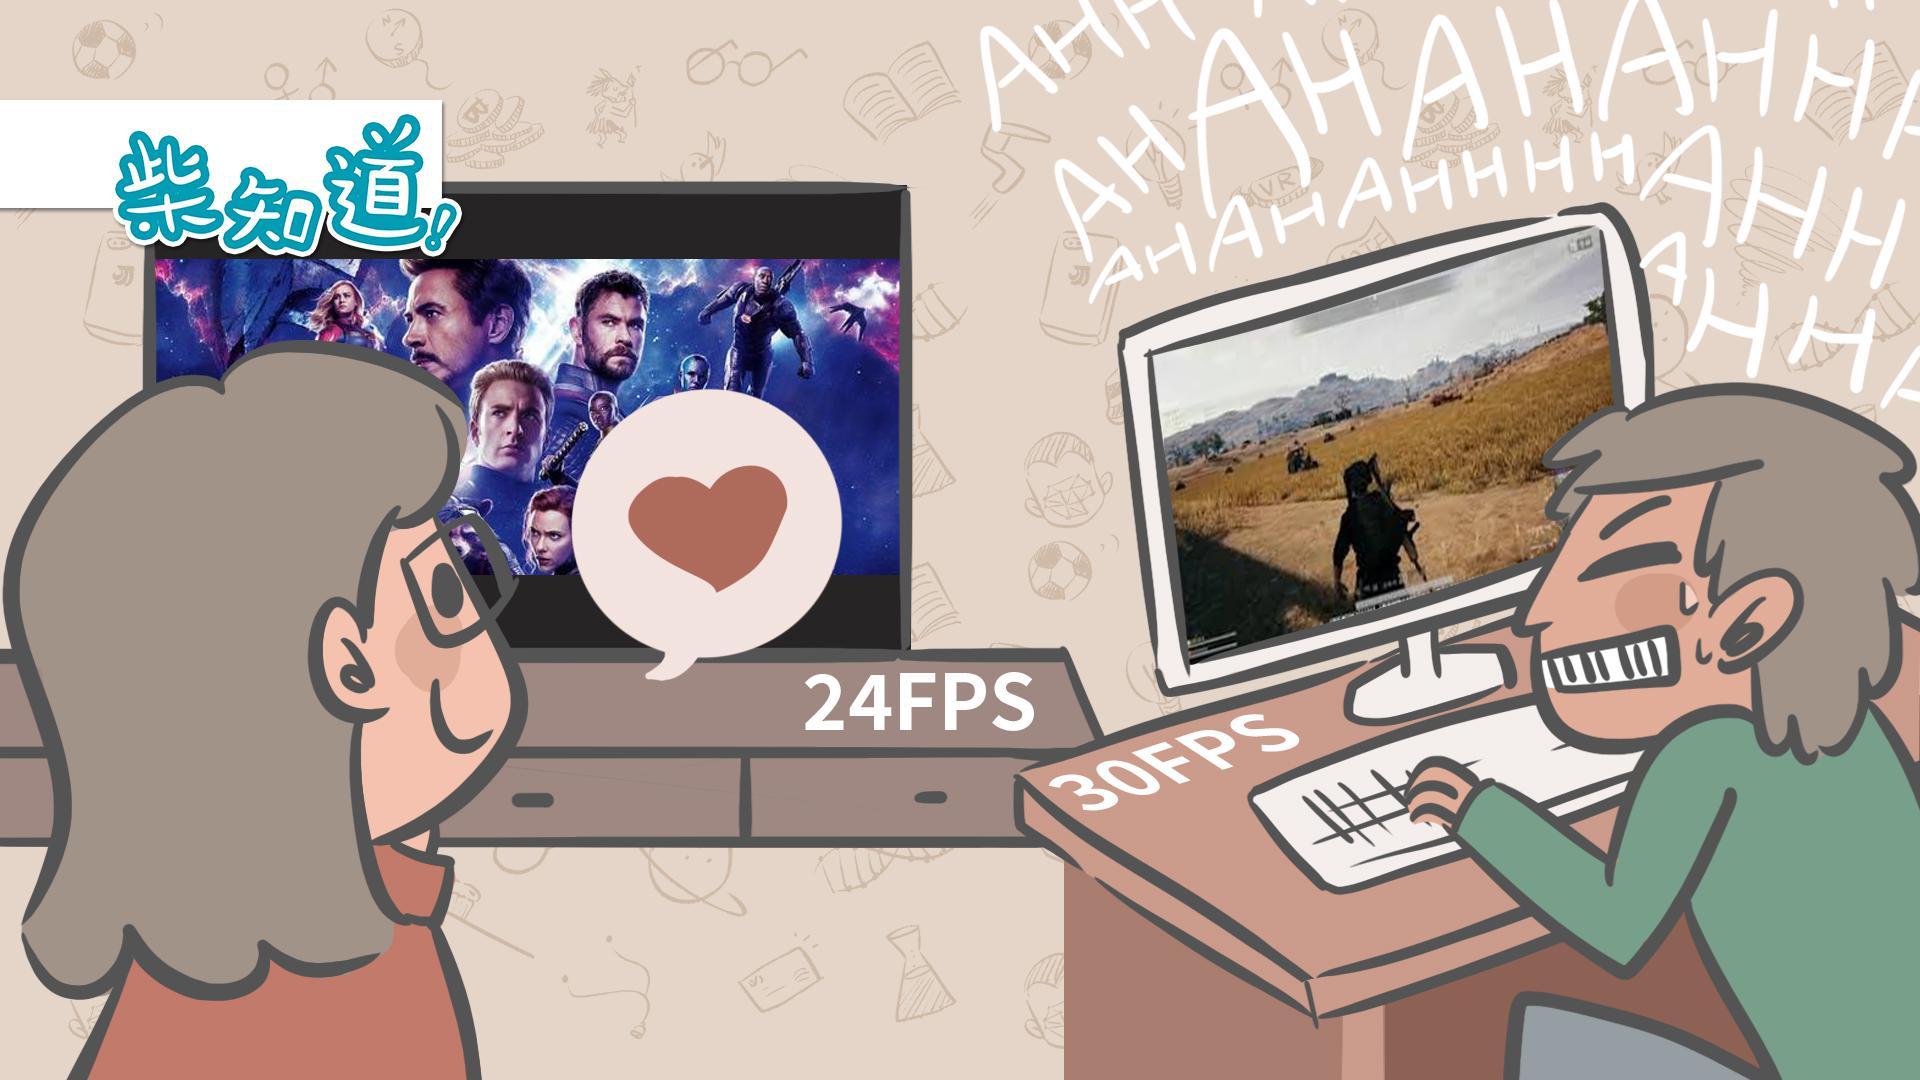 为什么24帧的电影很顺畅,30帧的游戏没法儿玩?